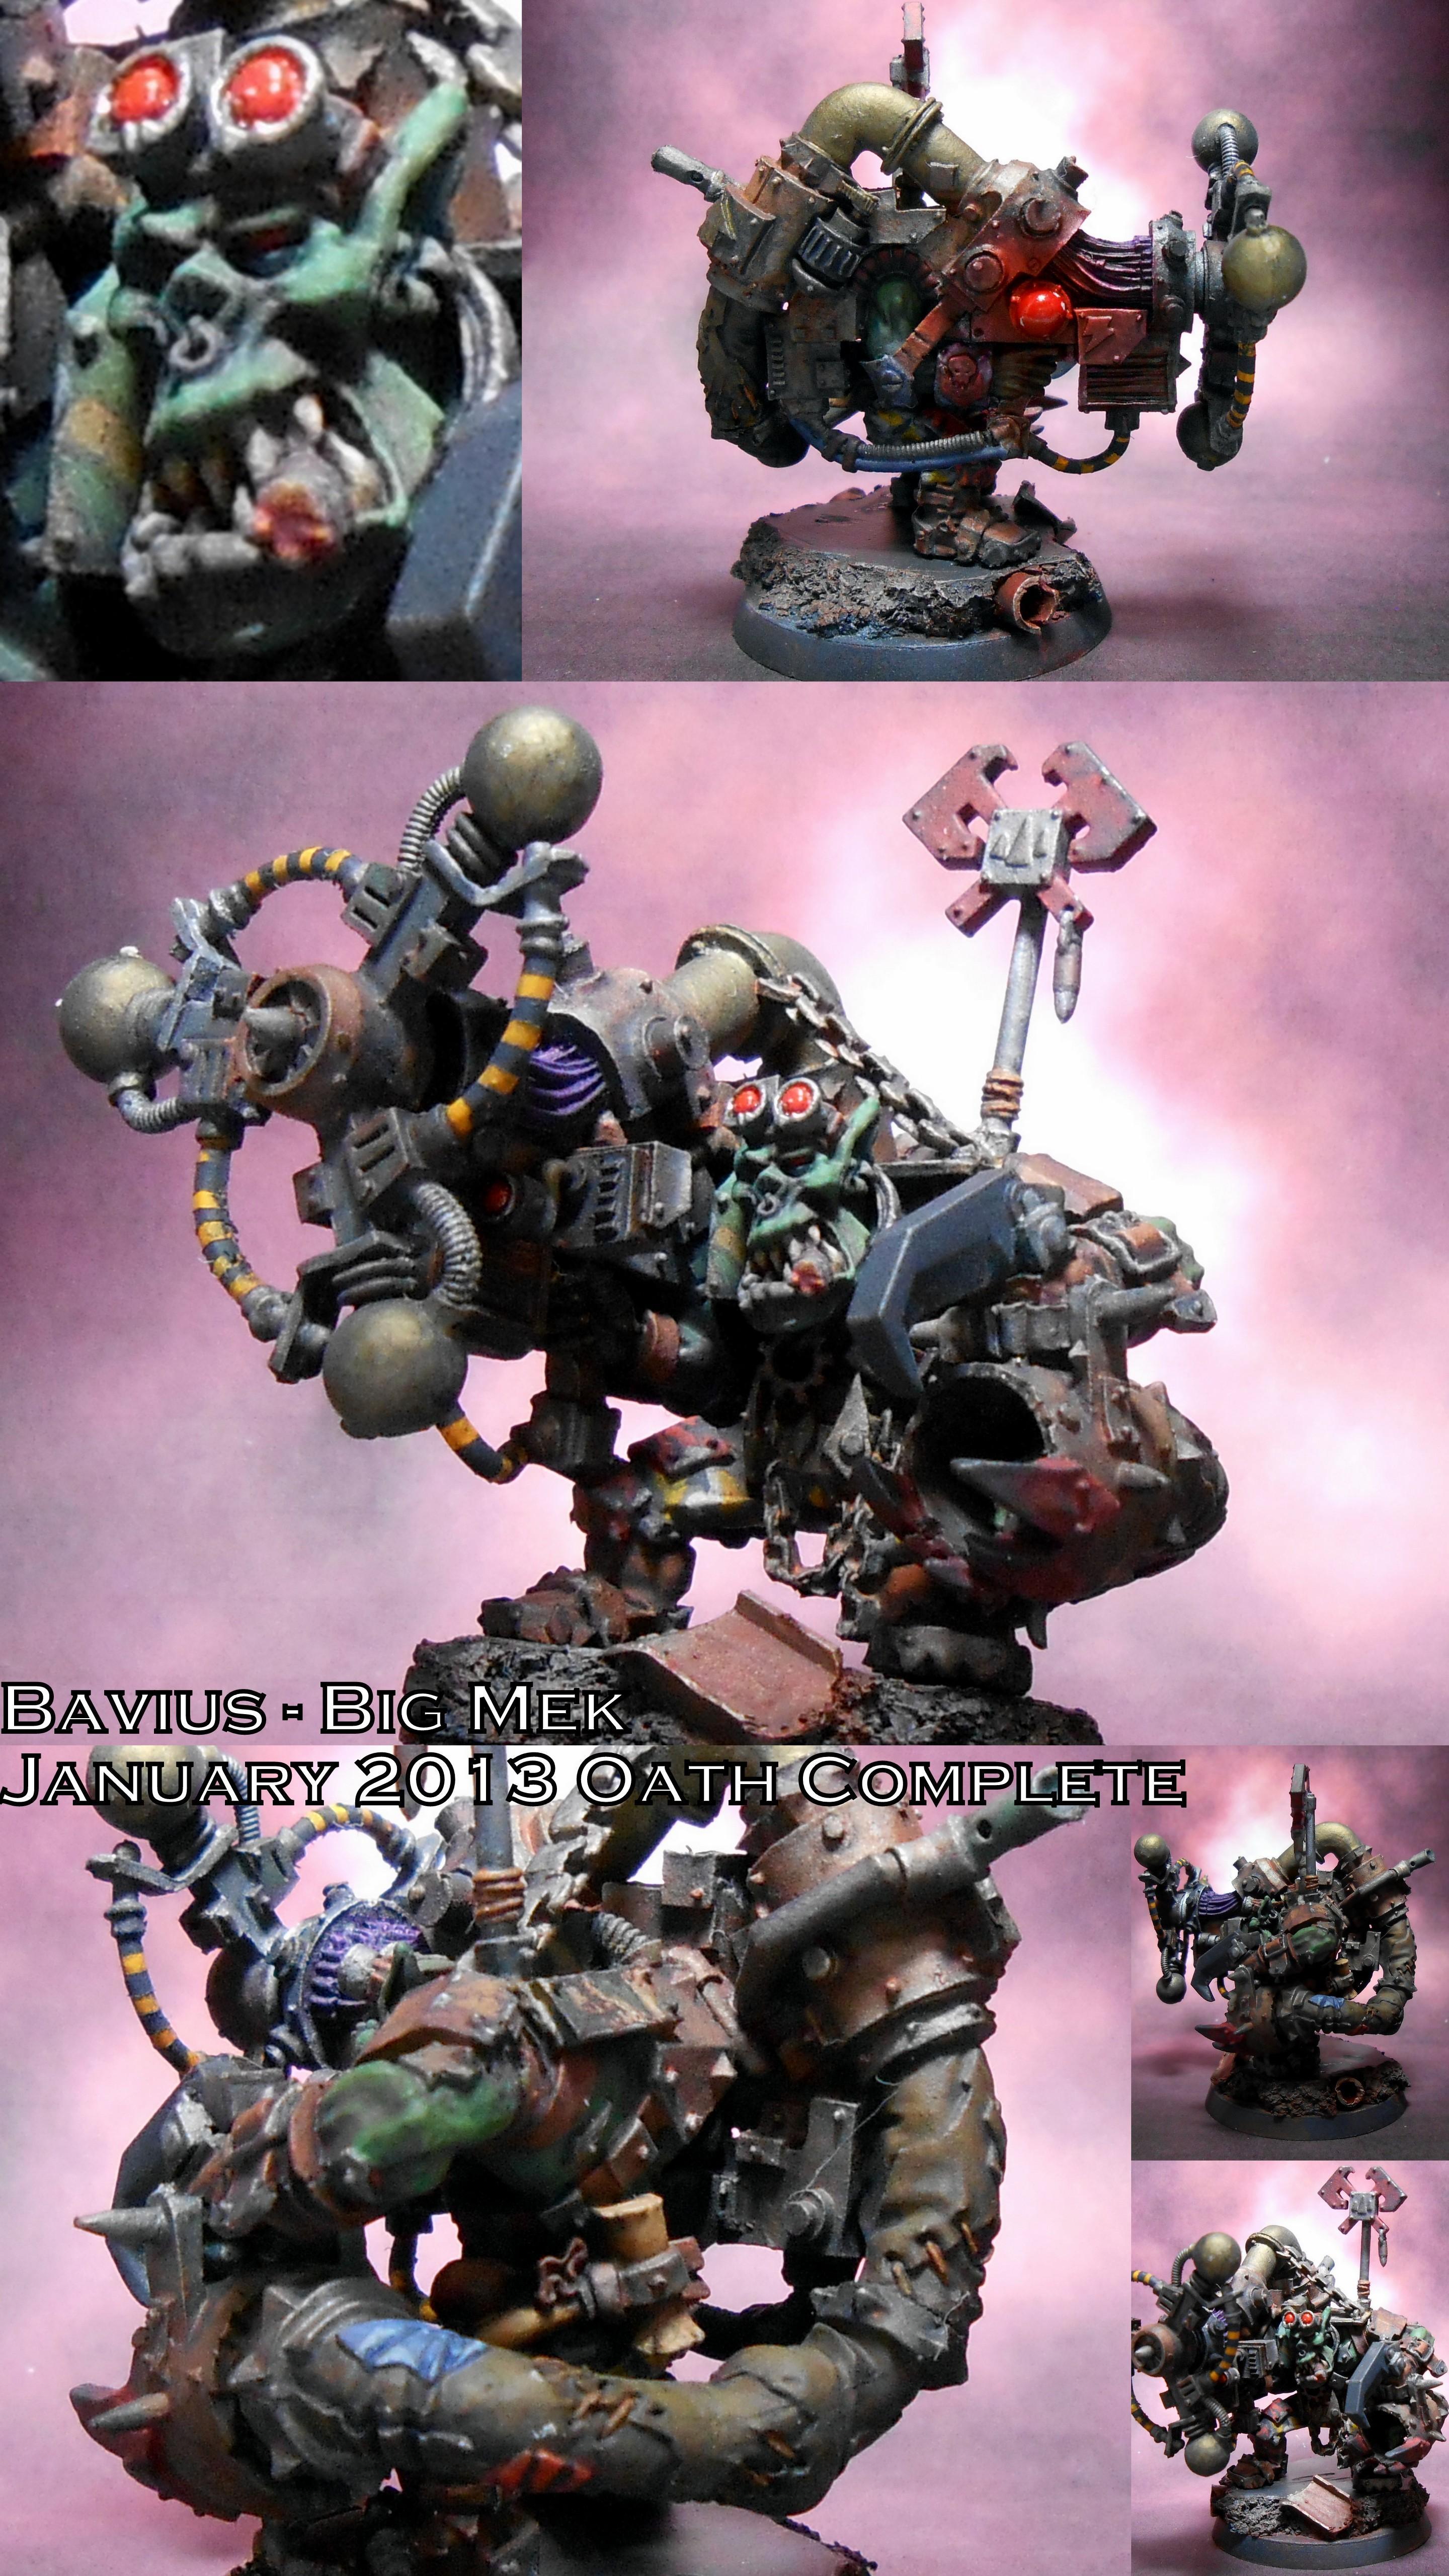 Big Mek, Bigmek, Blood Axe, Camouflage, Conversion, Greenskin, Kit-bashed, Kitbash, Konversion, Mekboy, Orcs, Orks, Pk, Power Klaw, Sag, Shokk Attack, Space Orks, Warboss, Warhammer 40,000